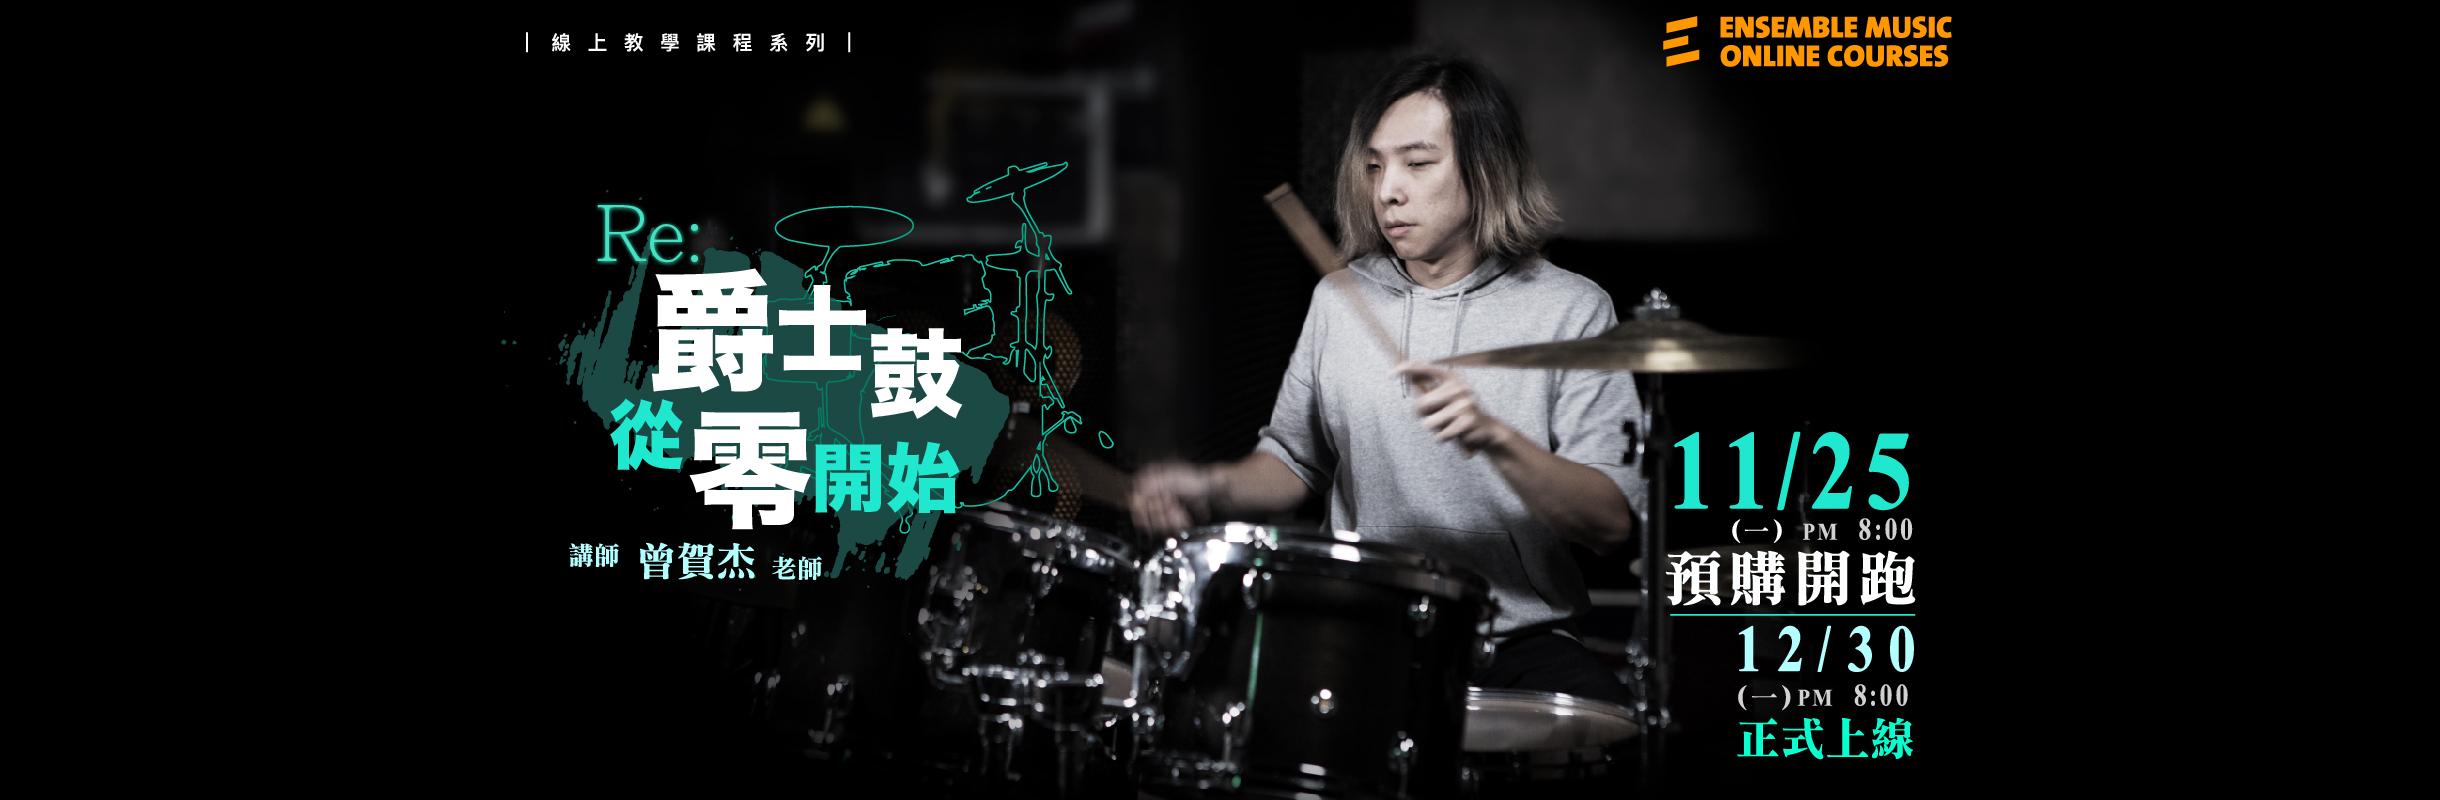 賀J - RE:爵士鼓從零開始